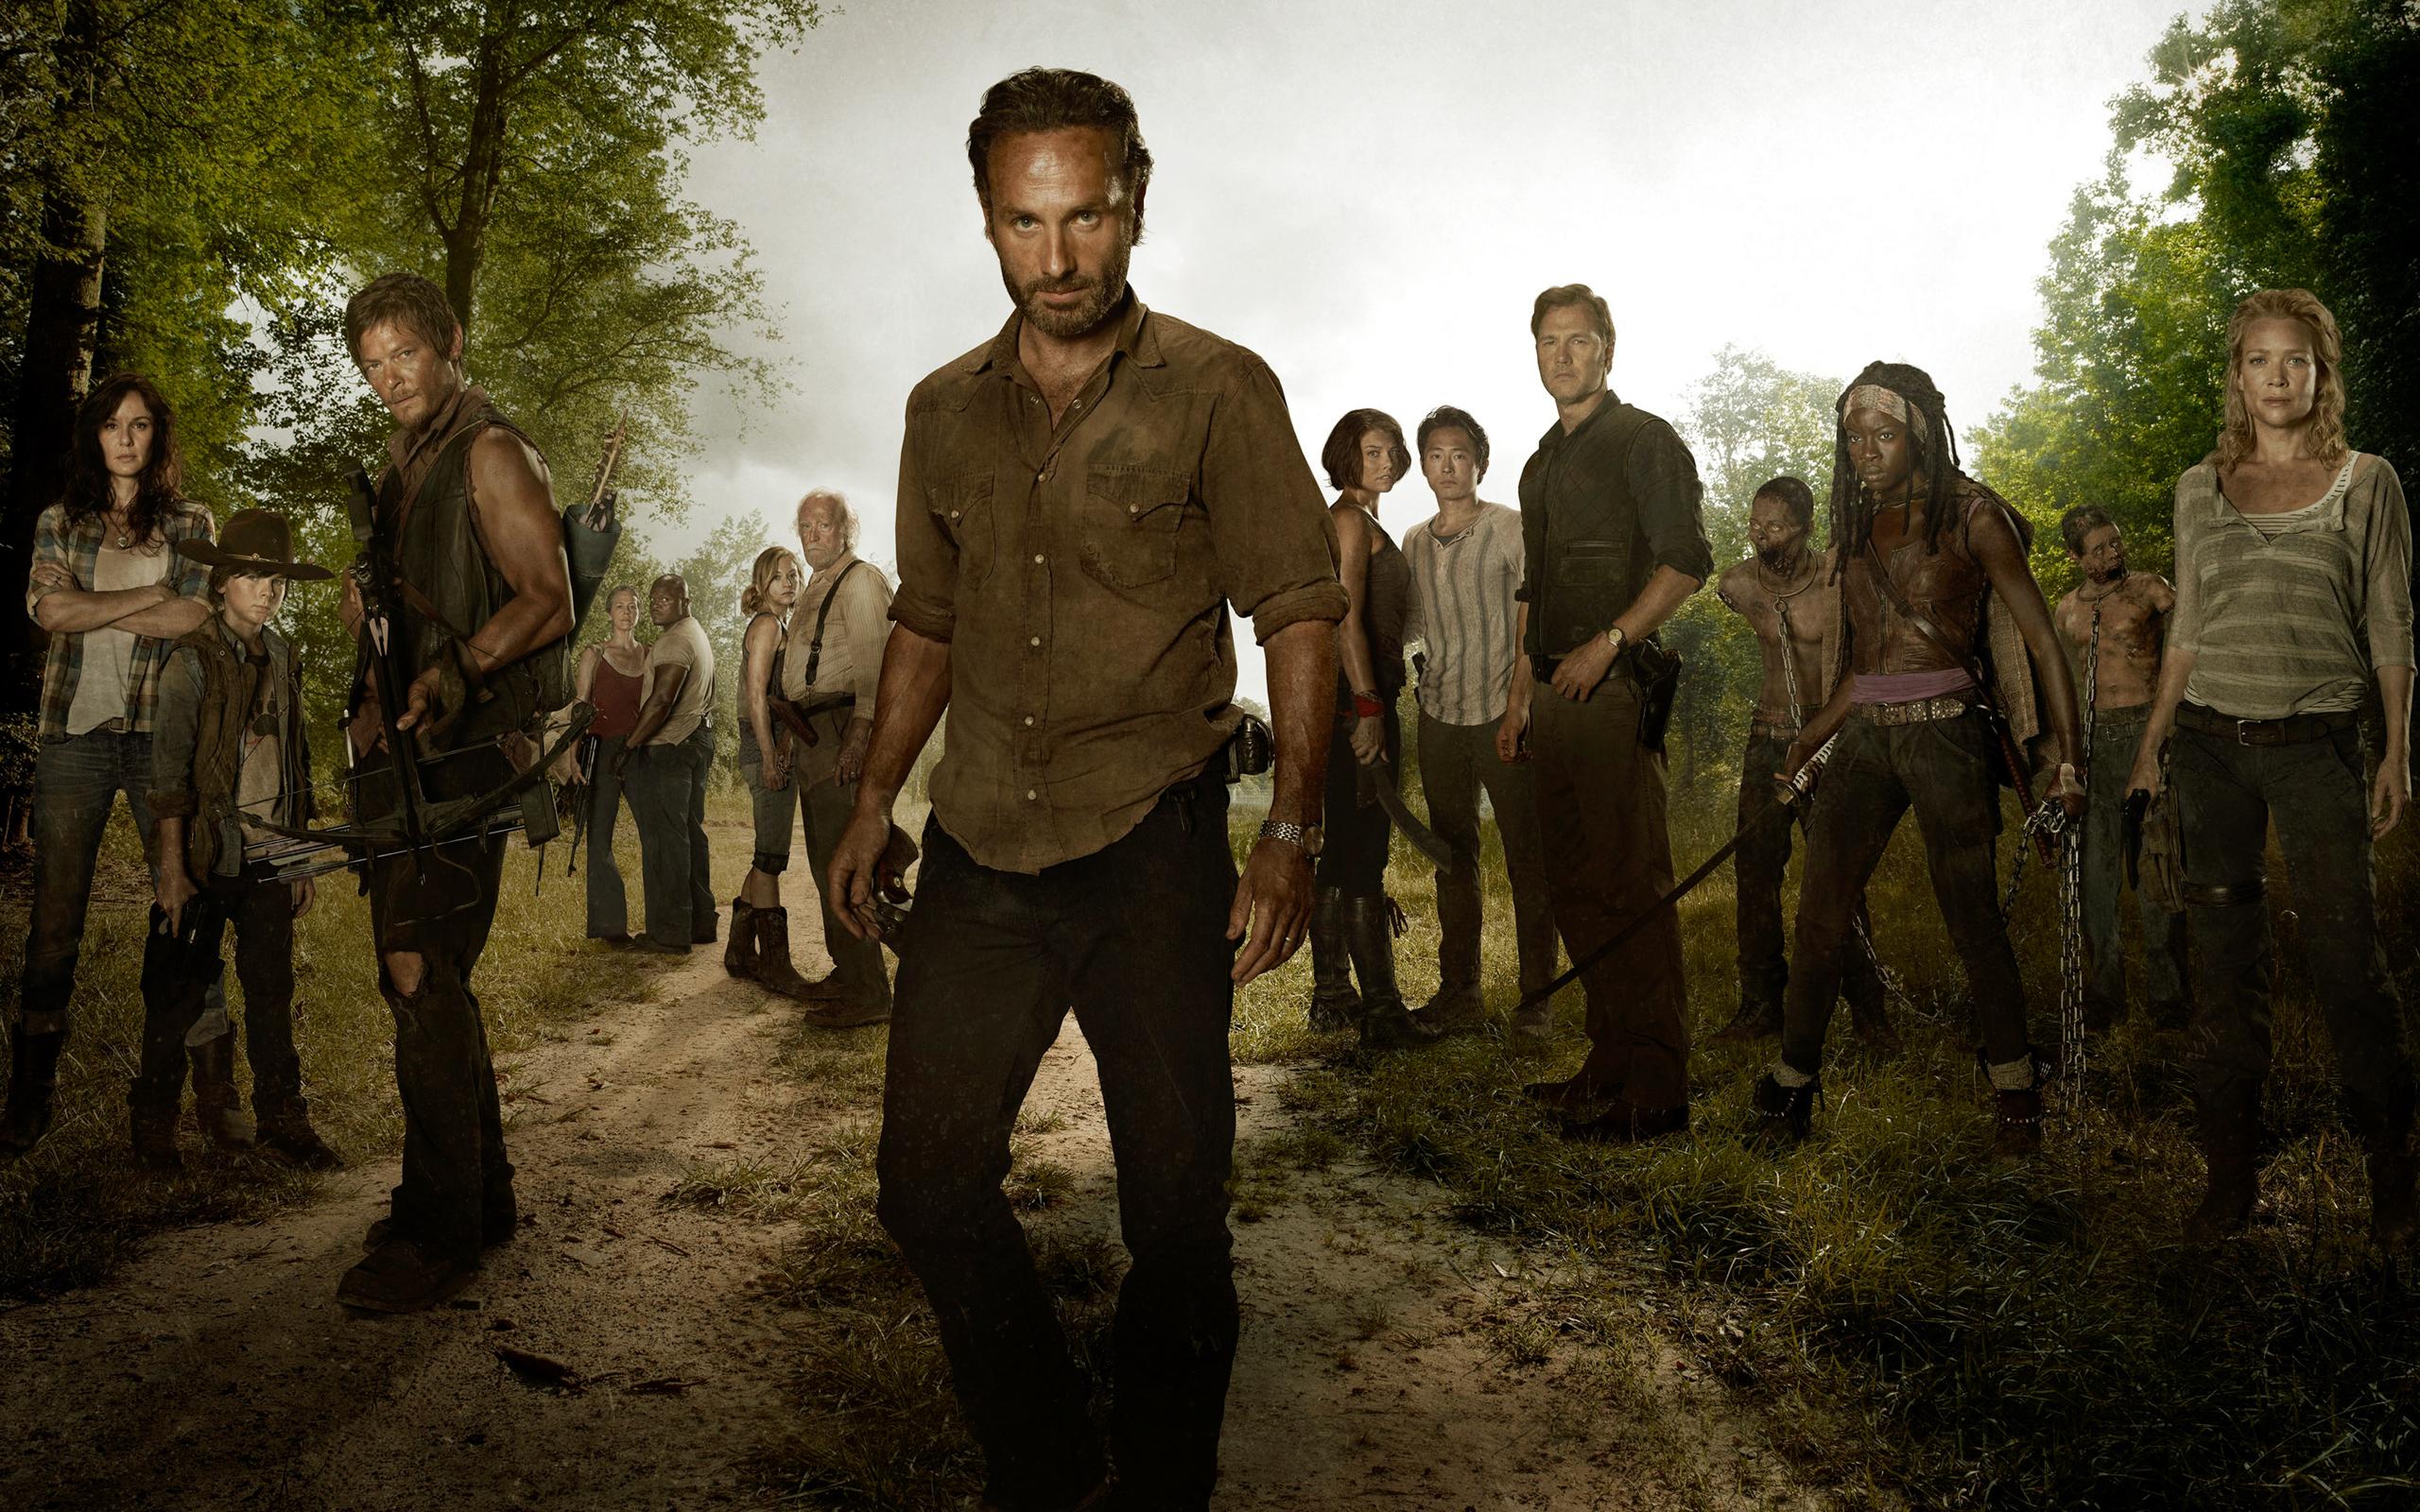 Сериал ходячие мертвецы 7 сезон скачать торрент.